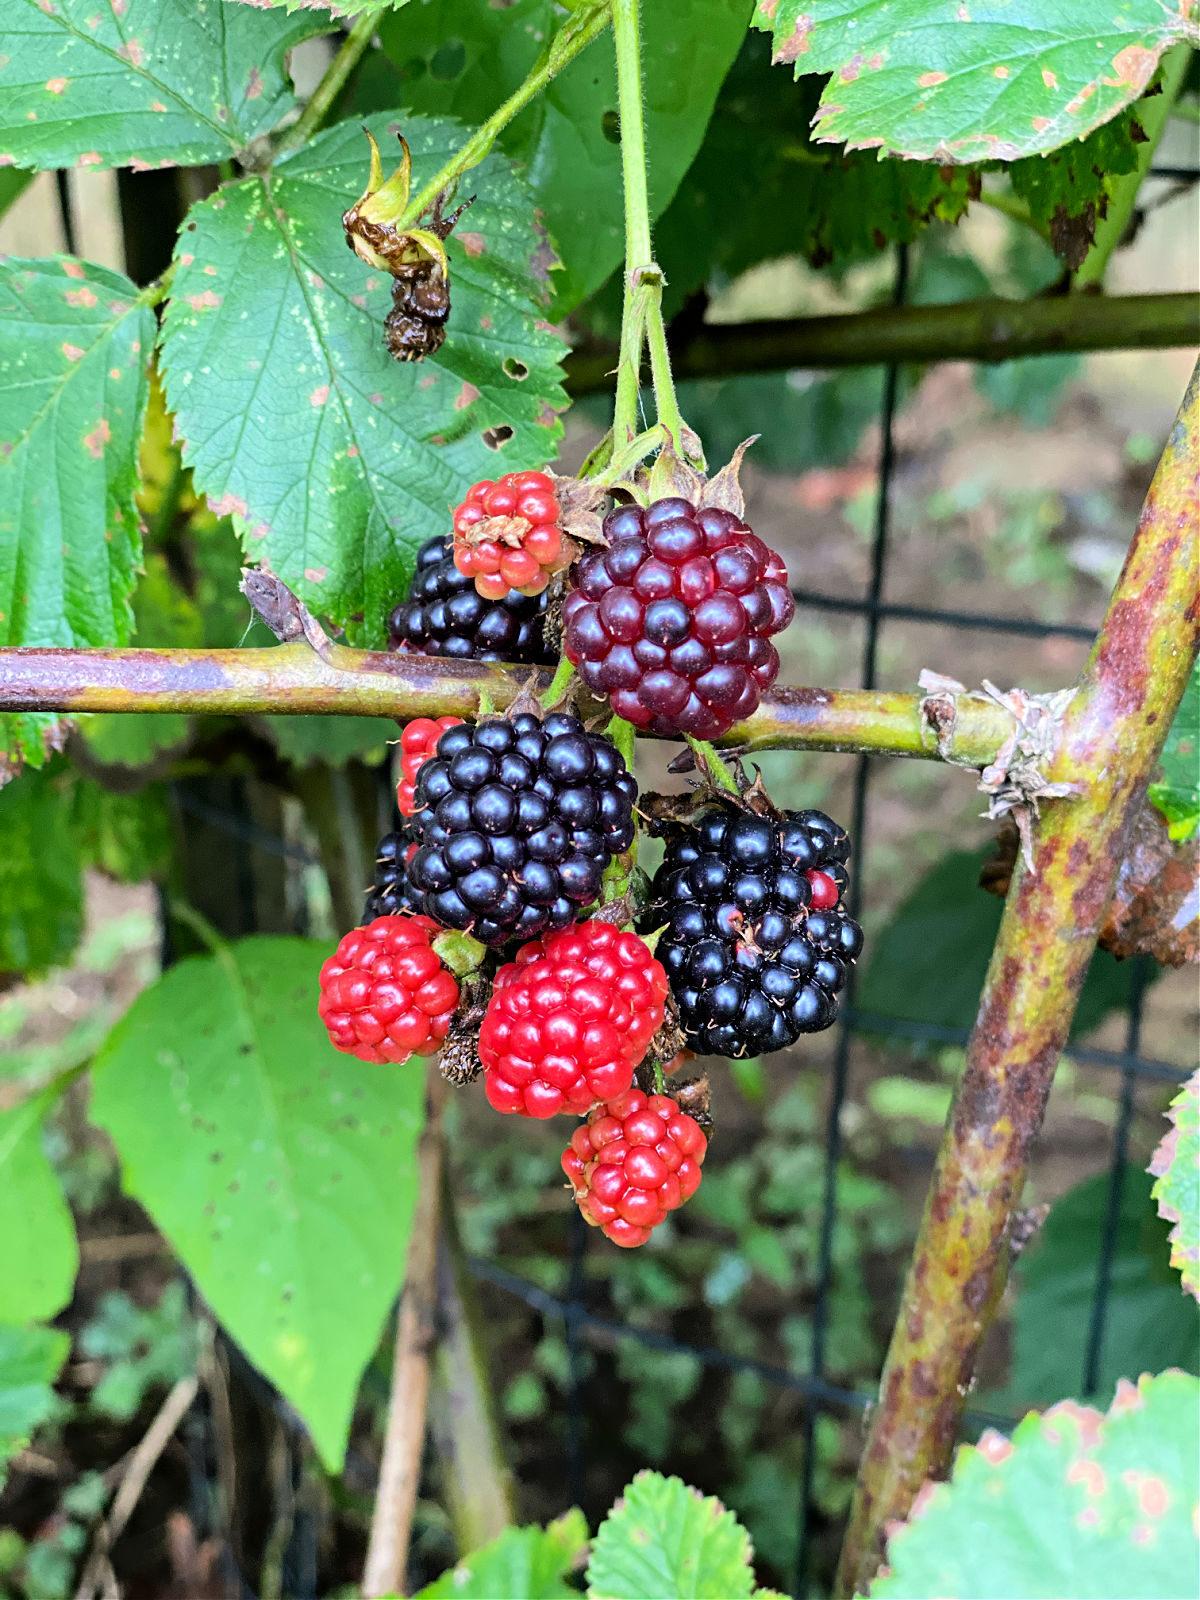 Blackberries growing on a vine.